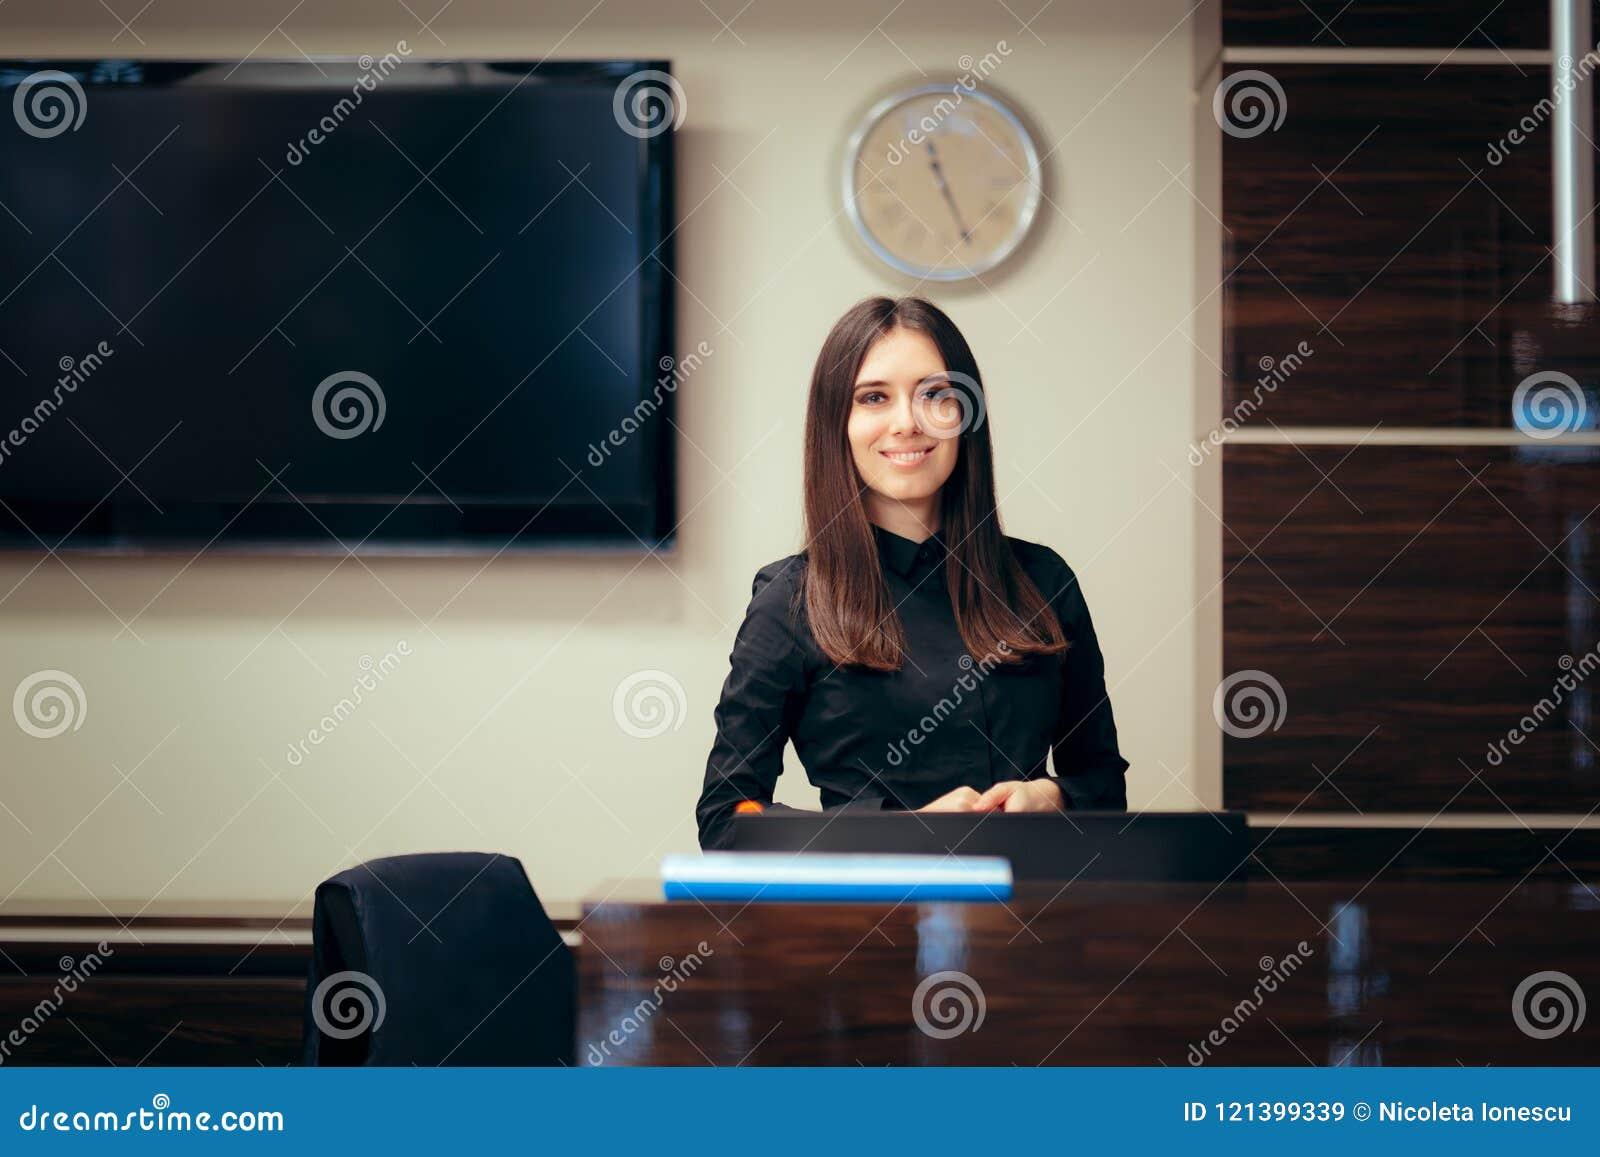 Female Front Desk Officer